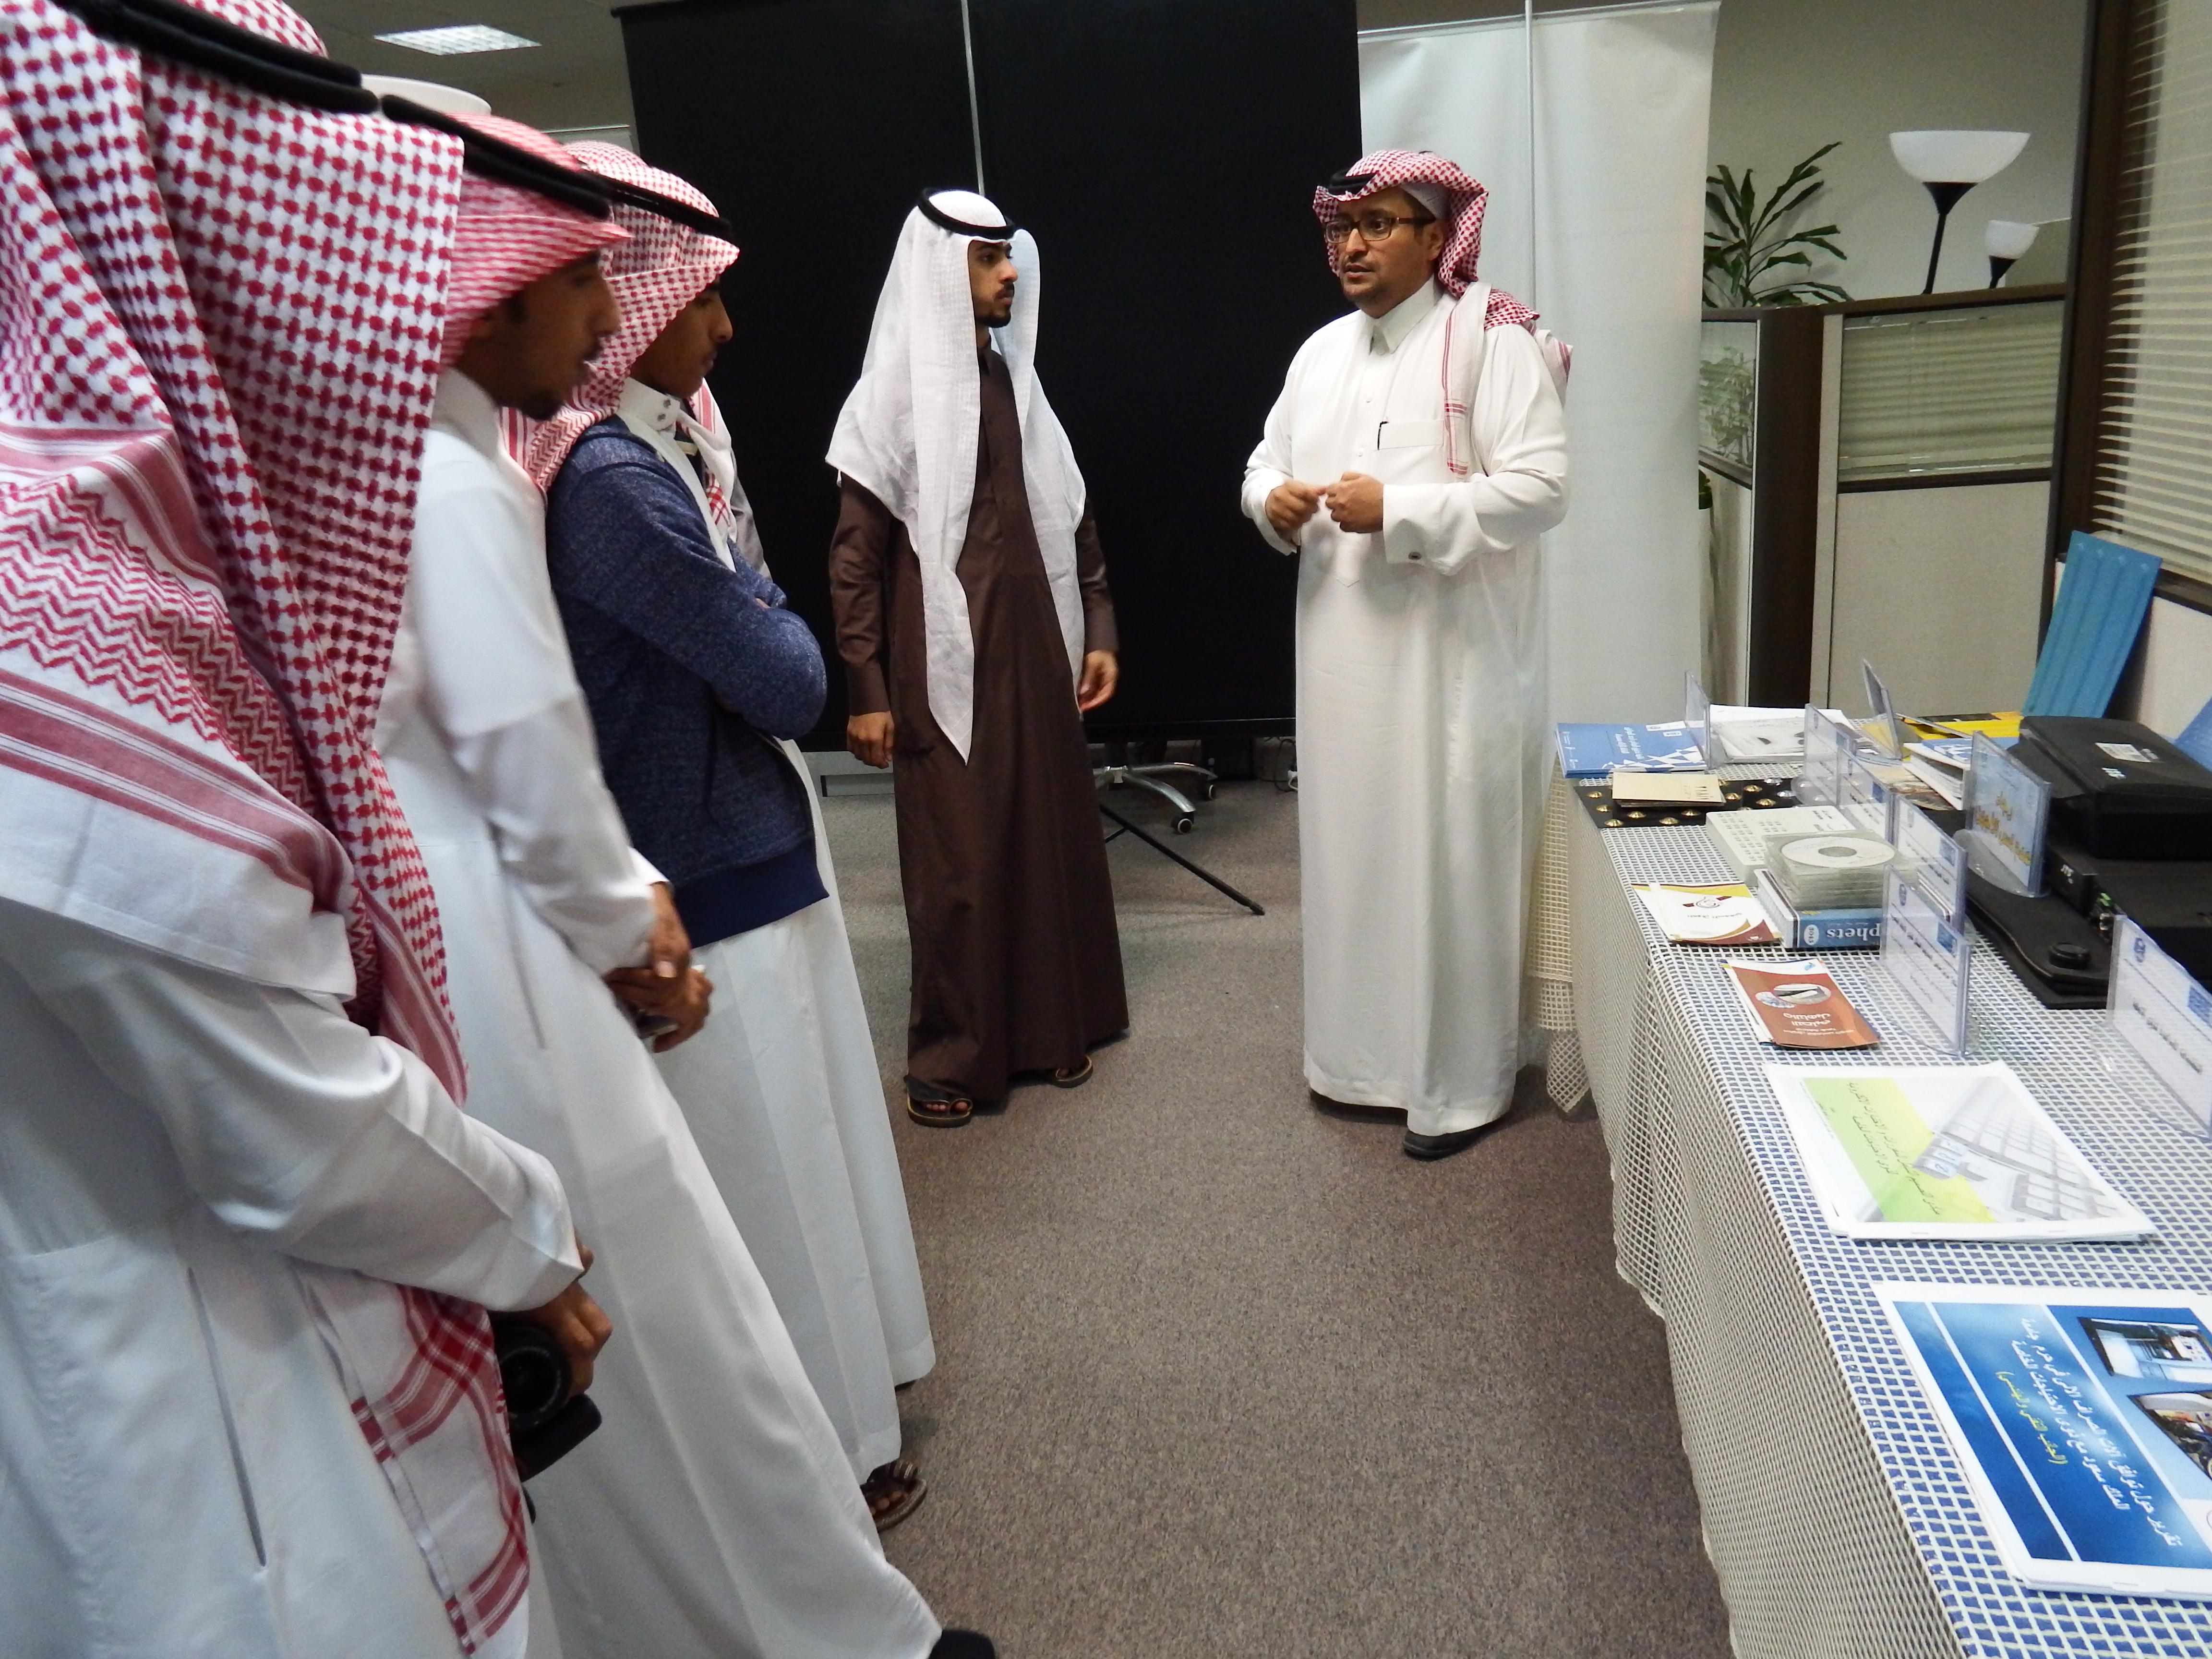 في إطار تبادل الخبرات بين الجامعات السعودية وفد جامعة المجمعة يطلع على إنجازات برنامج الوصول الشامل